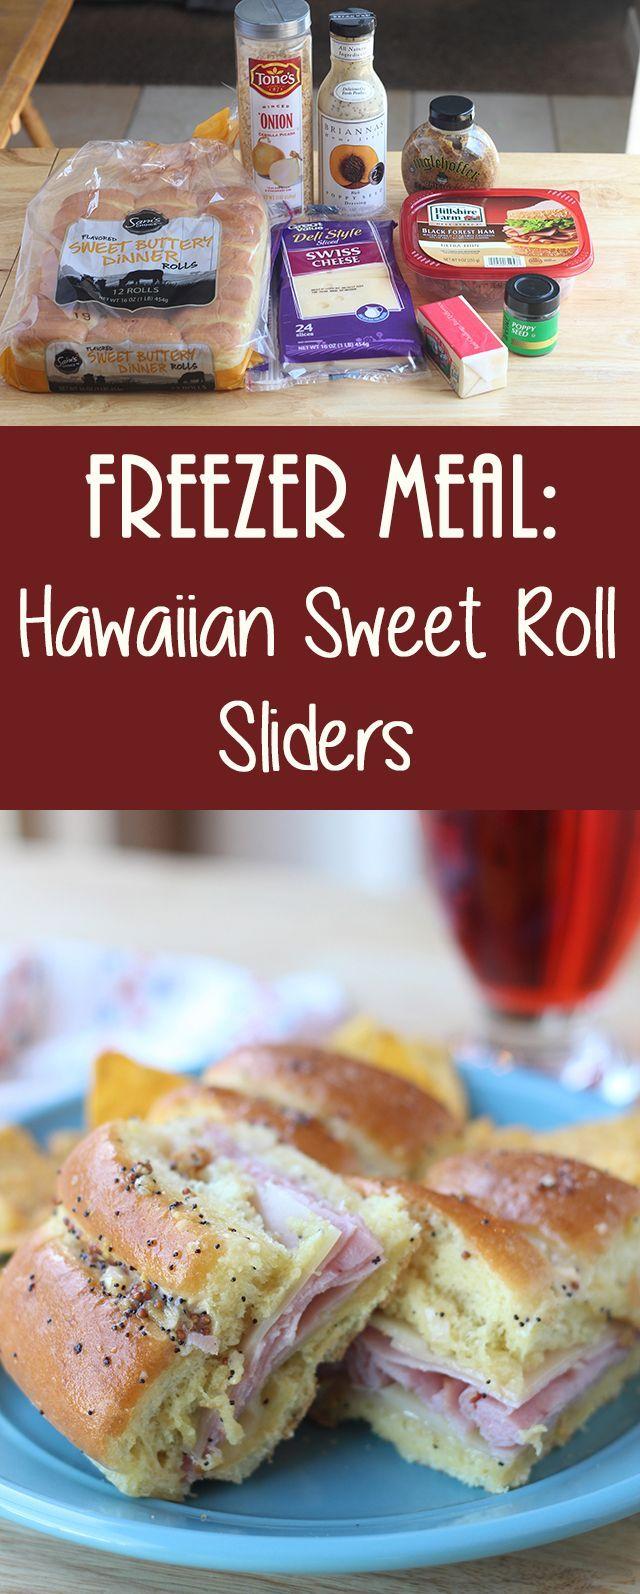 Hawaiian Sweet Roll Sliders images